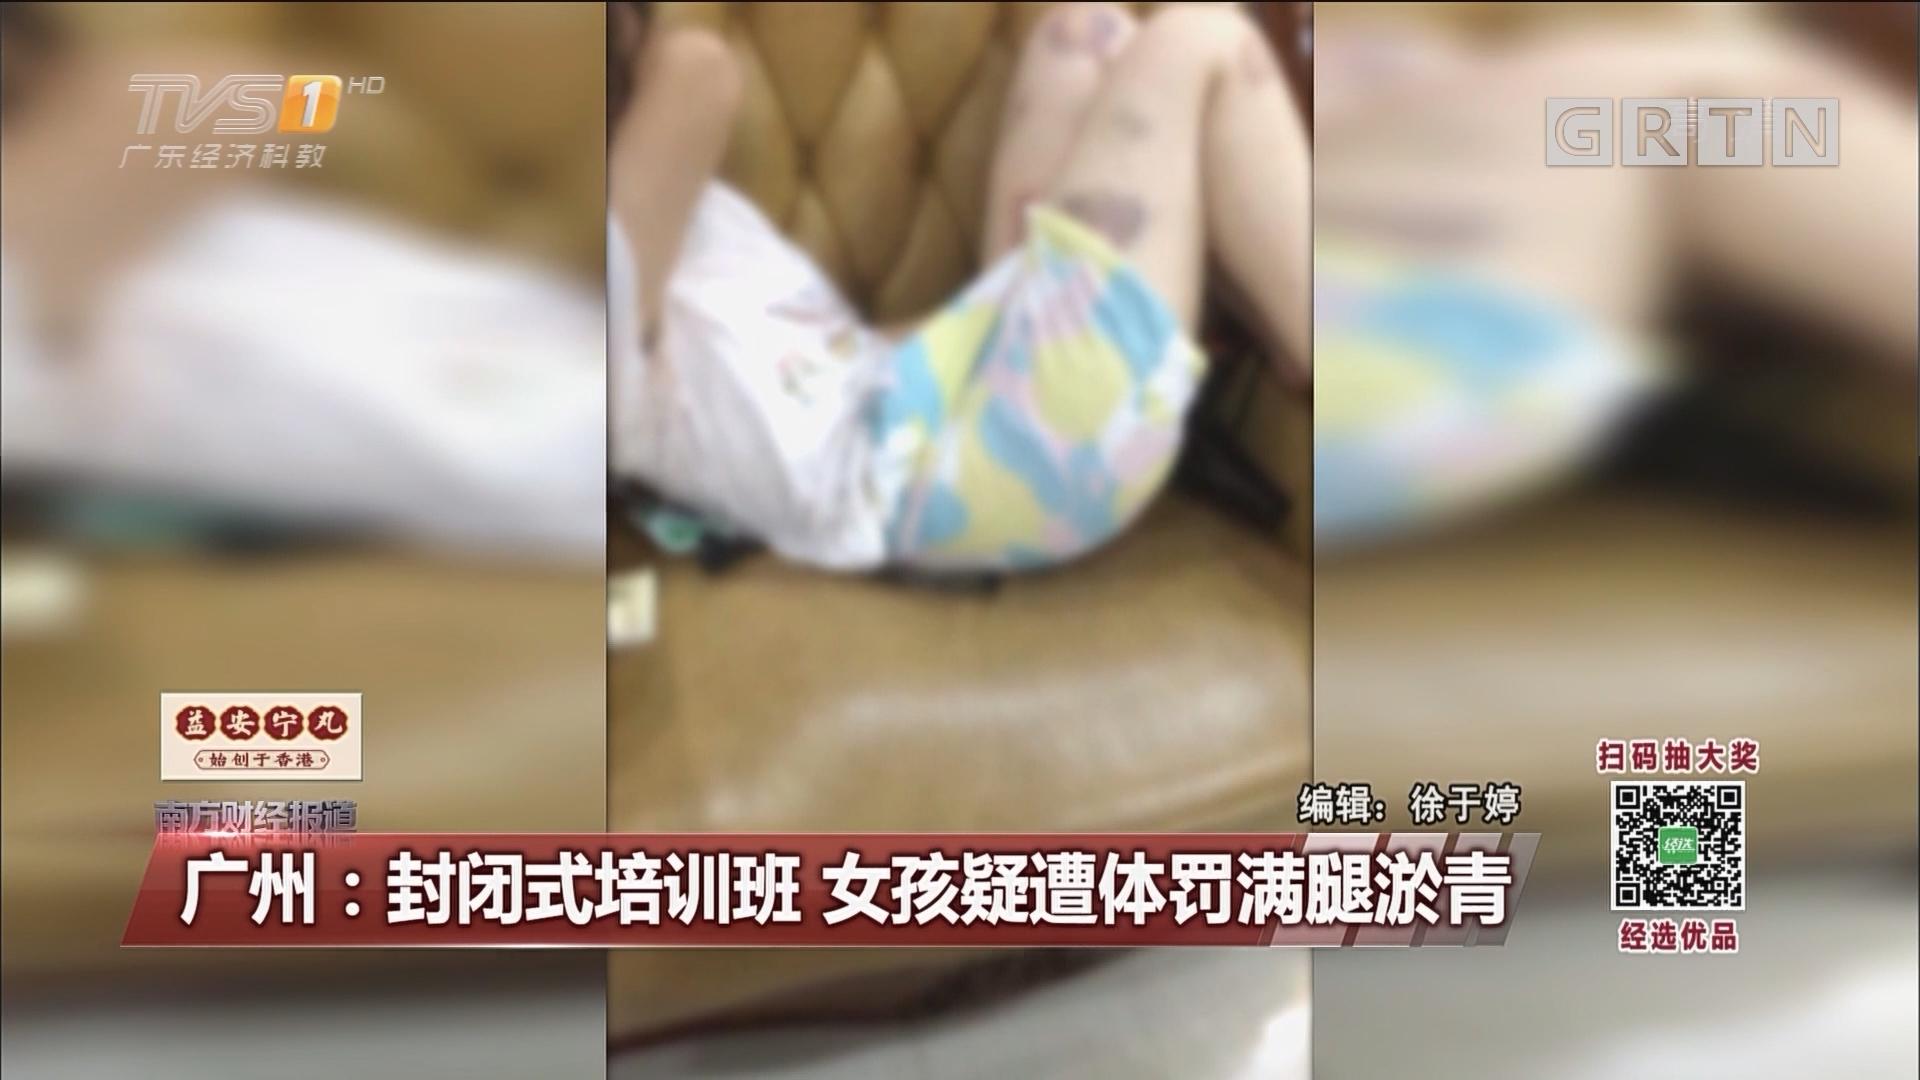 广州:封闭式培训班 女孩疑遭体罚满腿淤青